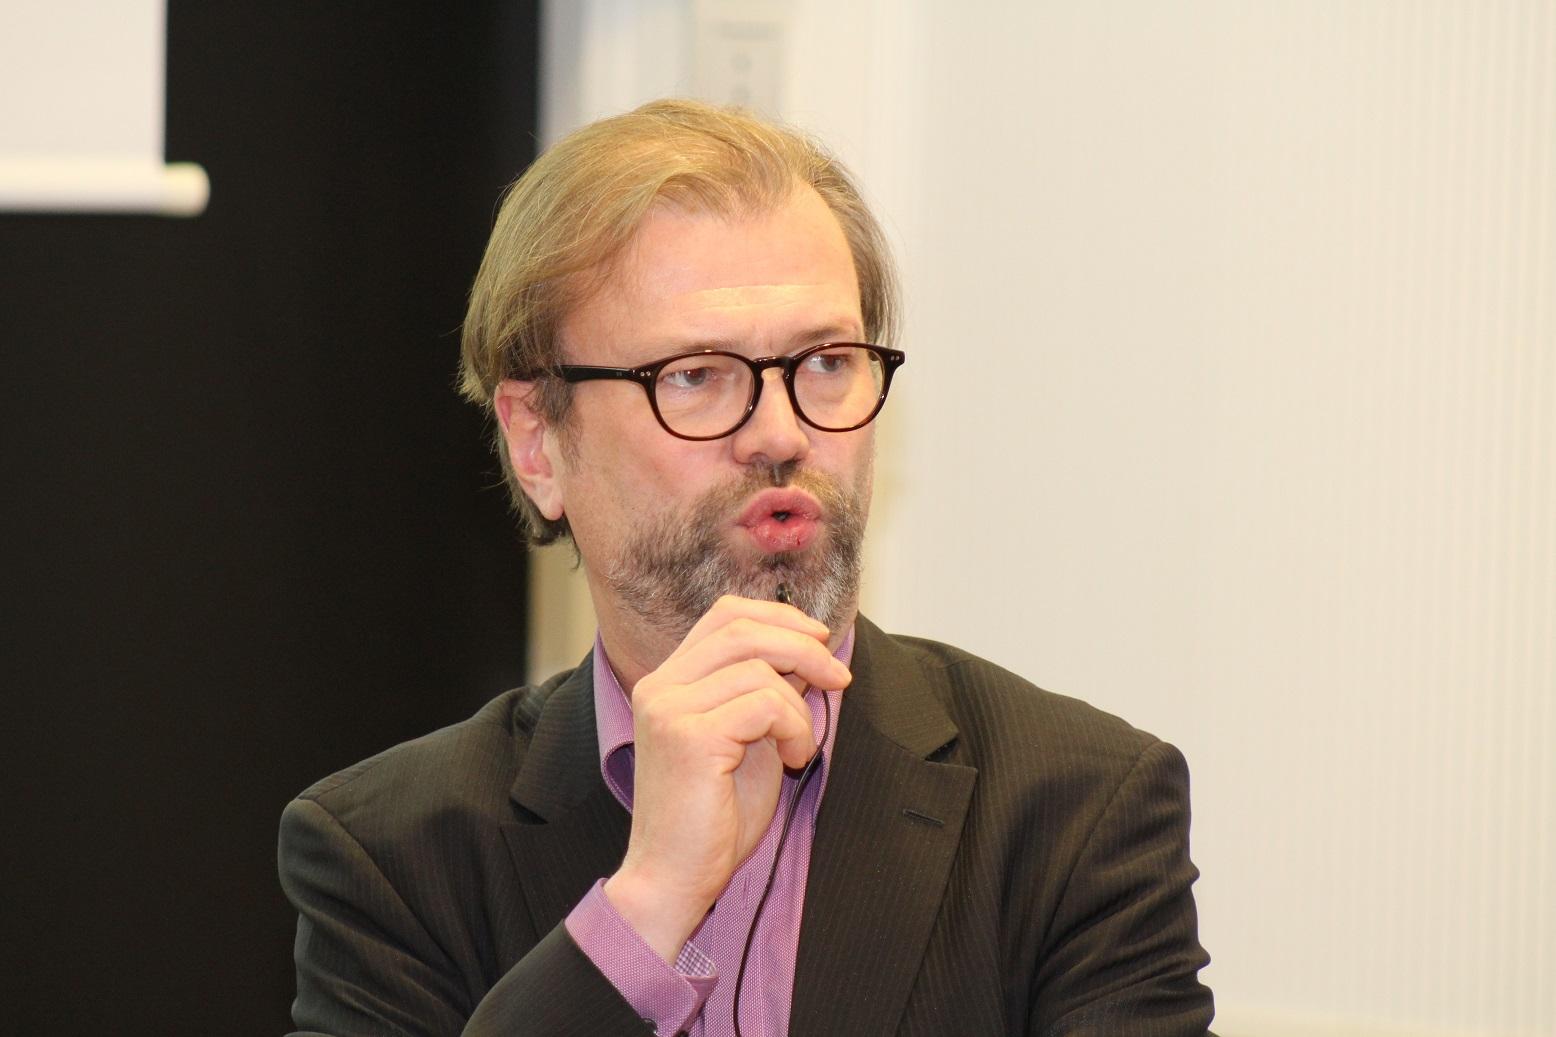 Tutkimusseminaarin puheenjohtaja, Terveystieteiden yksikön johtaja Juha Teperi myönsi, että muuri tunnustetun lääketieteen ja CAM-hoitojen välillä on edelleen varsin paksu. Hän pohti, voisiko tätä muuria madaltaa tutkimuksen avulla.